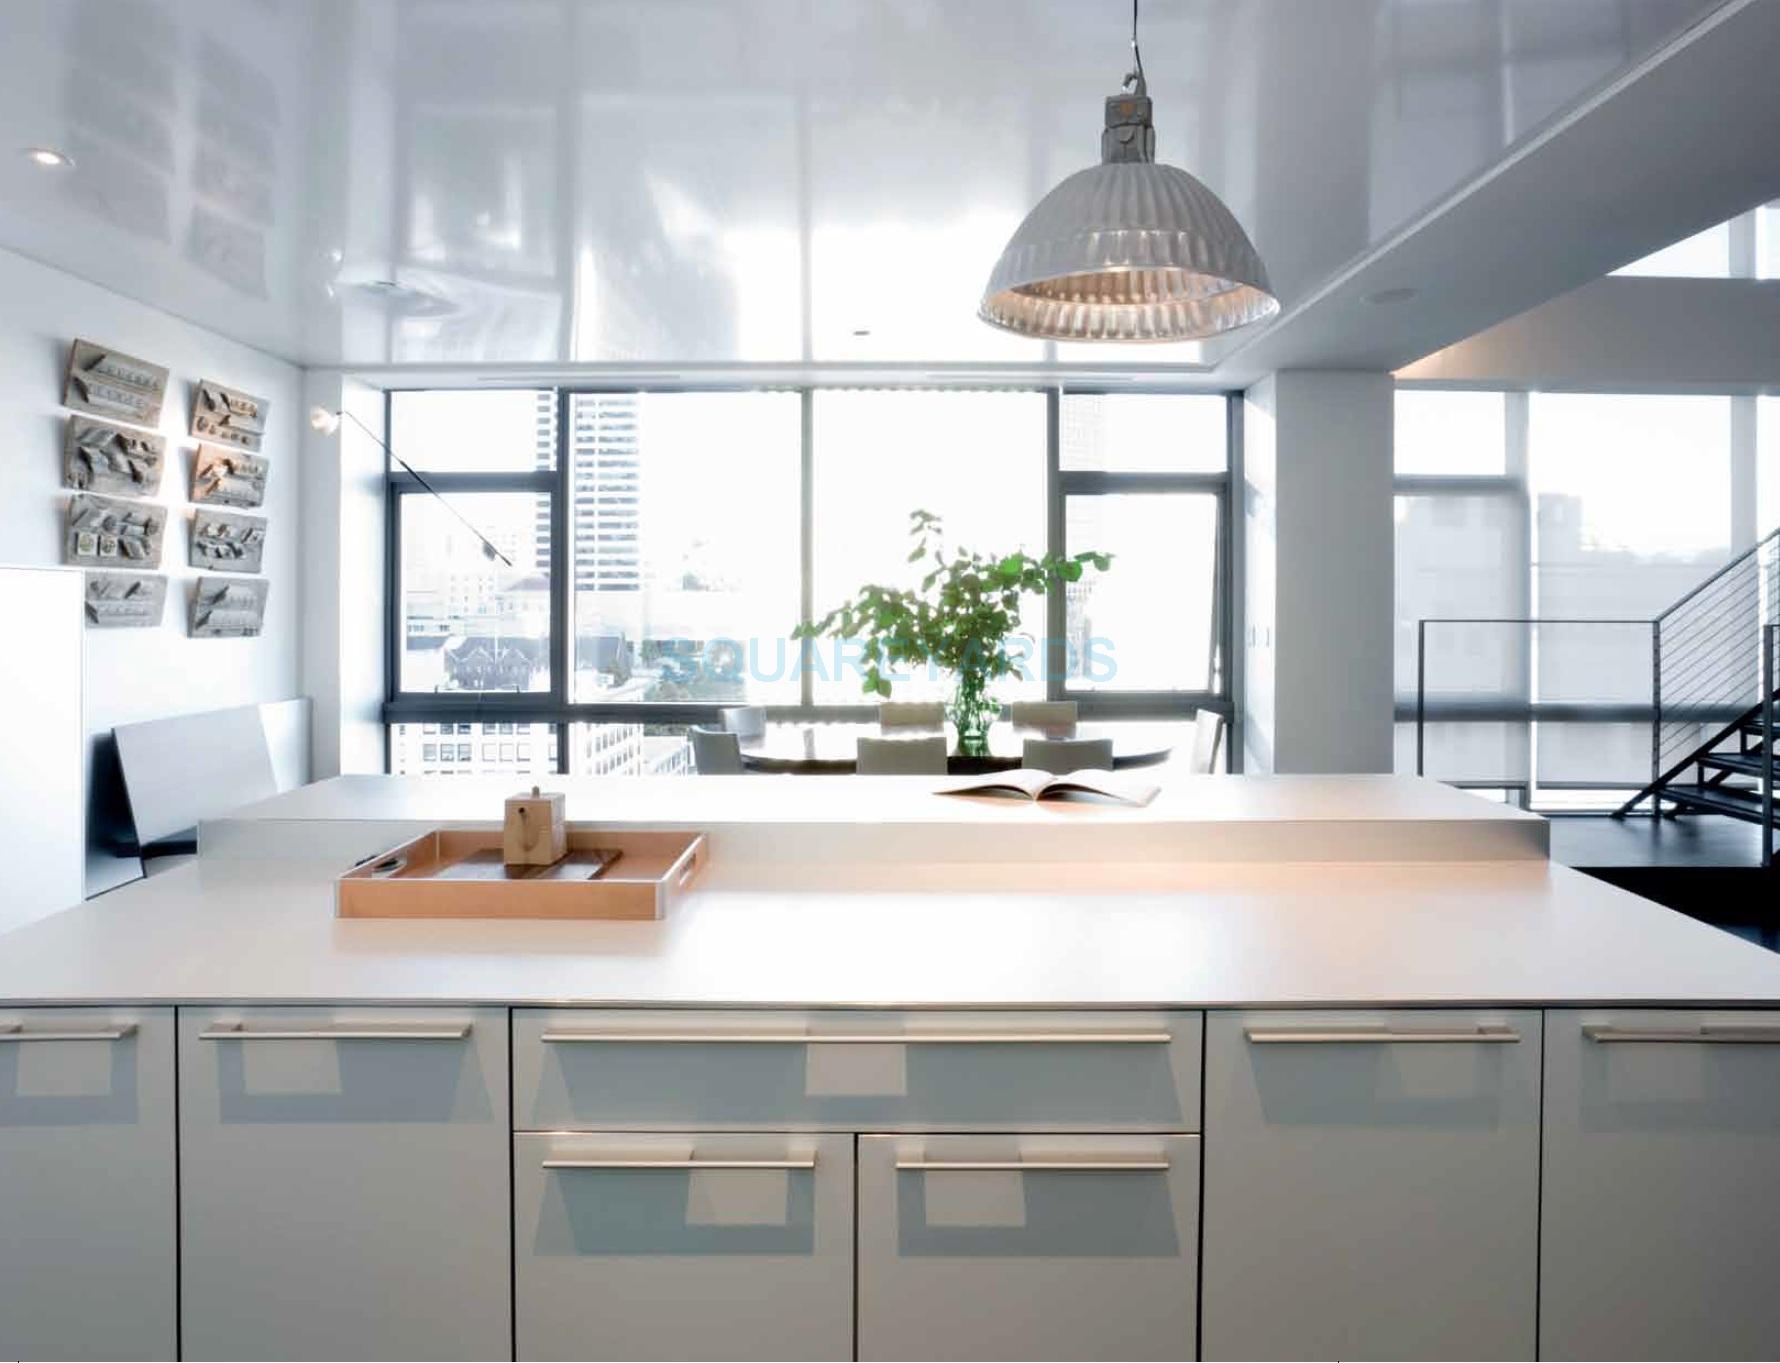 tata primanti executive floors apartment interiors2